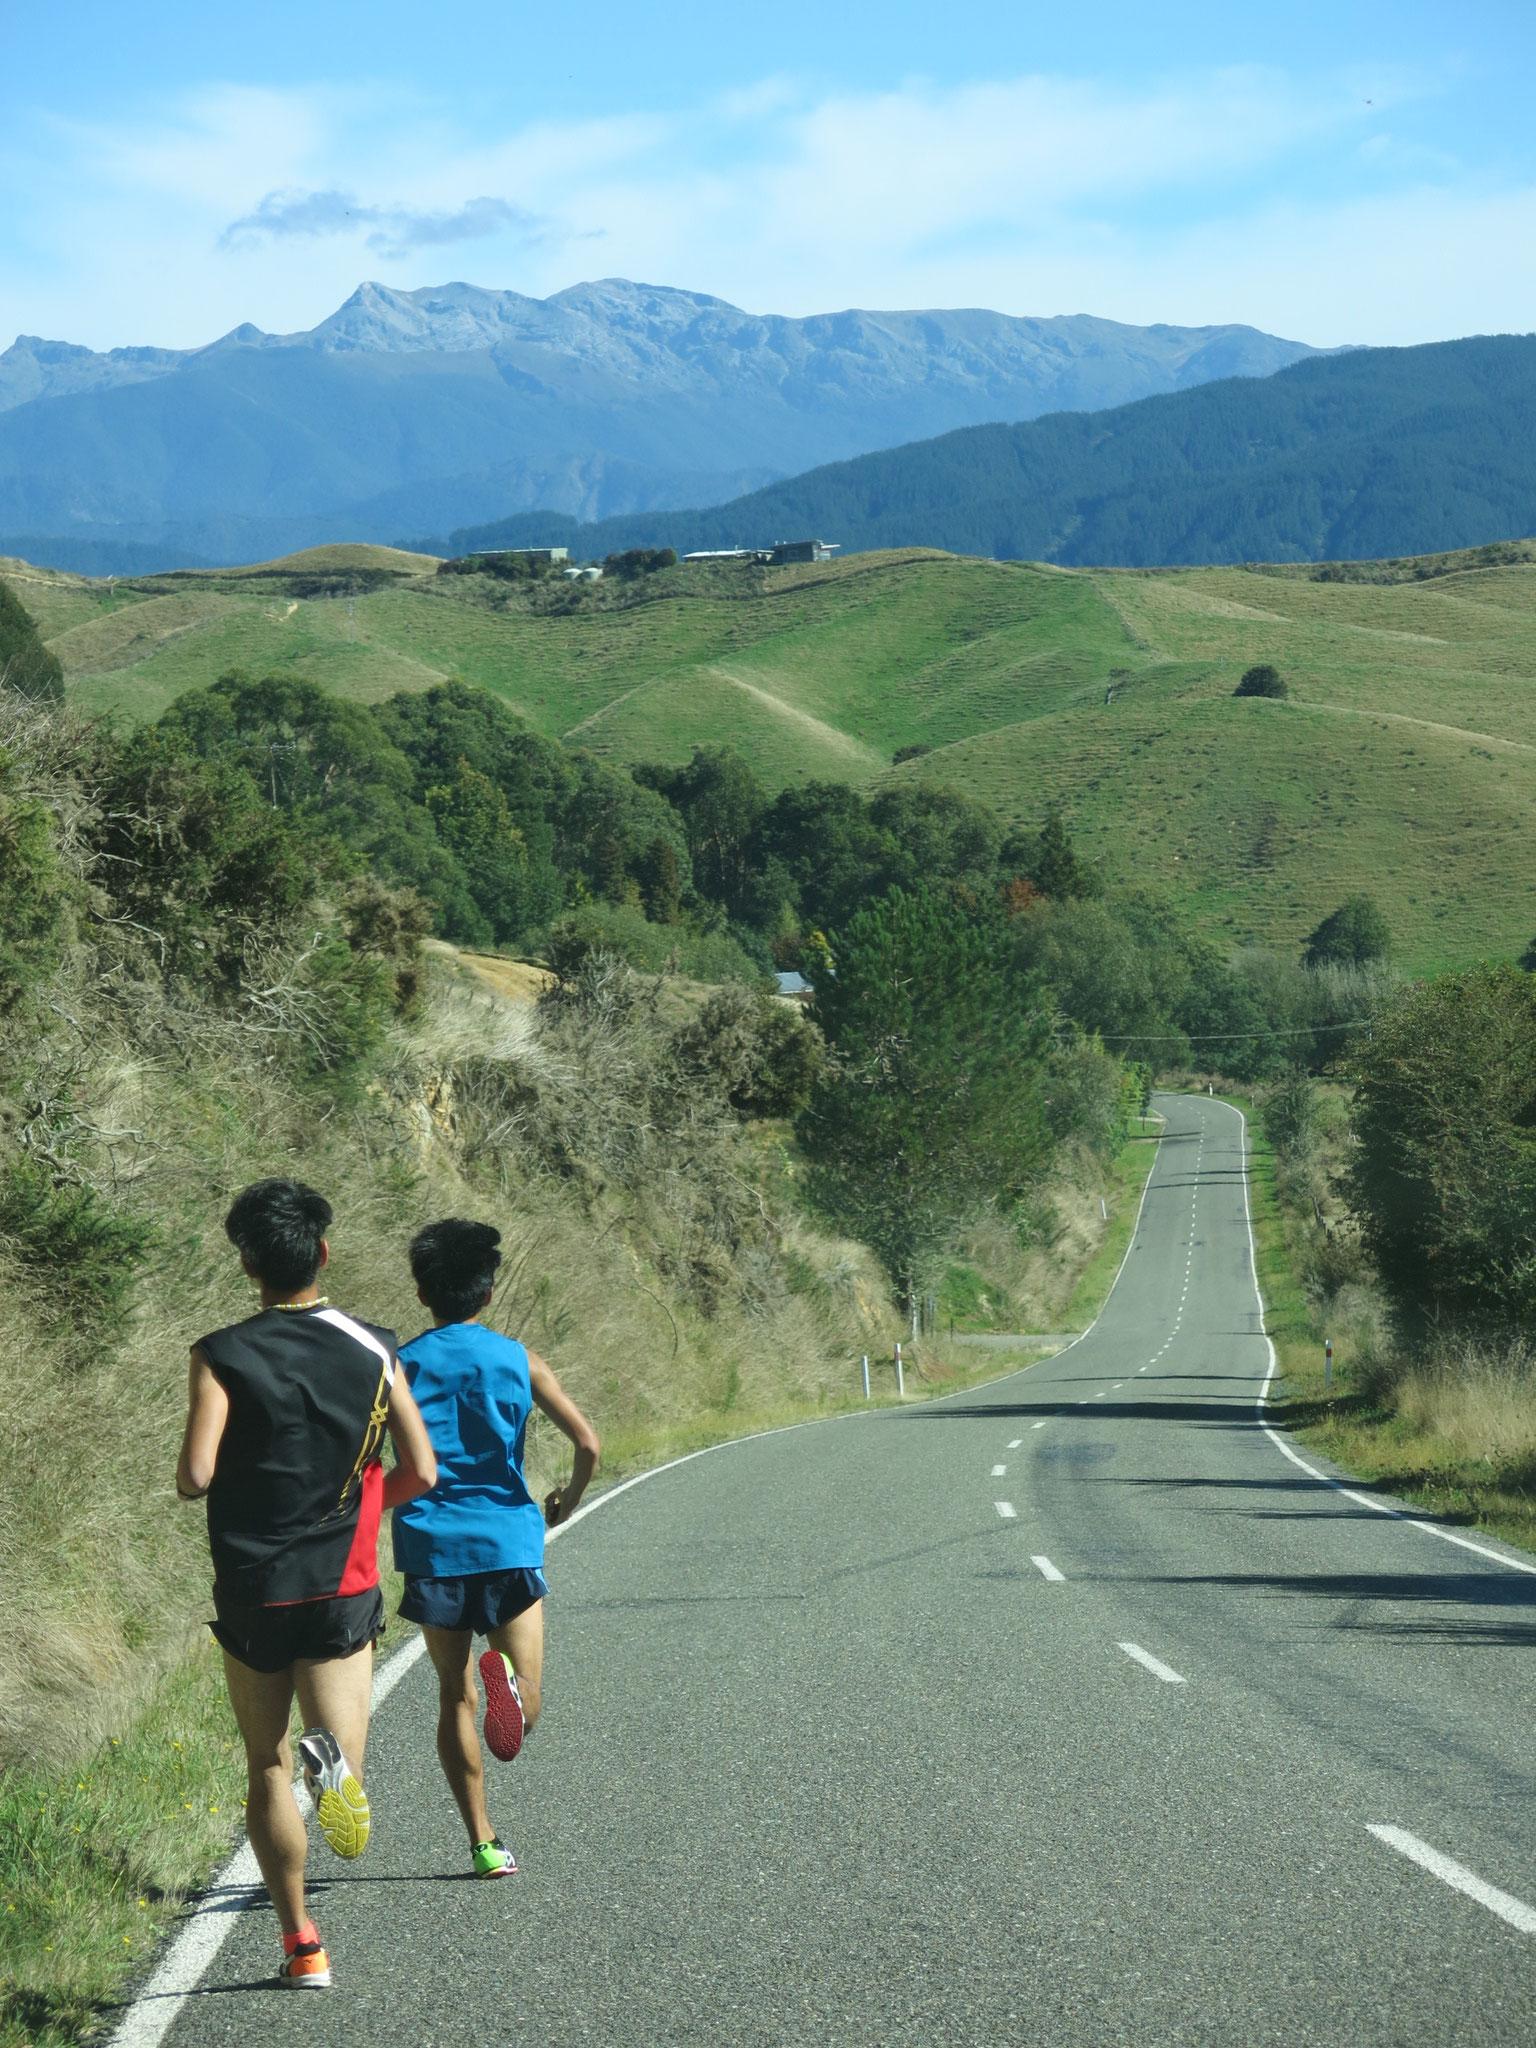 Upper Moutere / 距離走に。アップダウンのあるコース